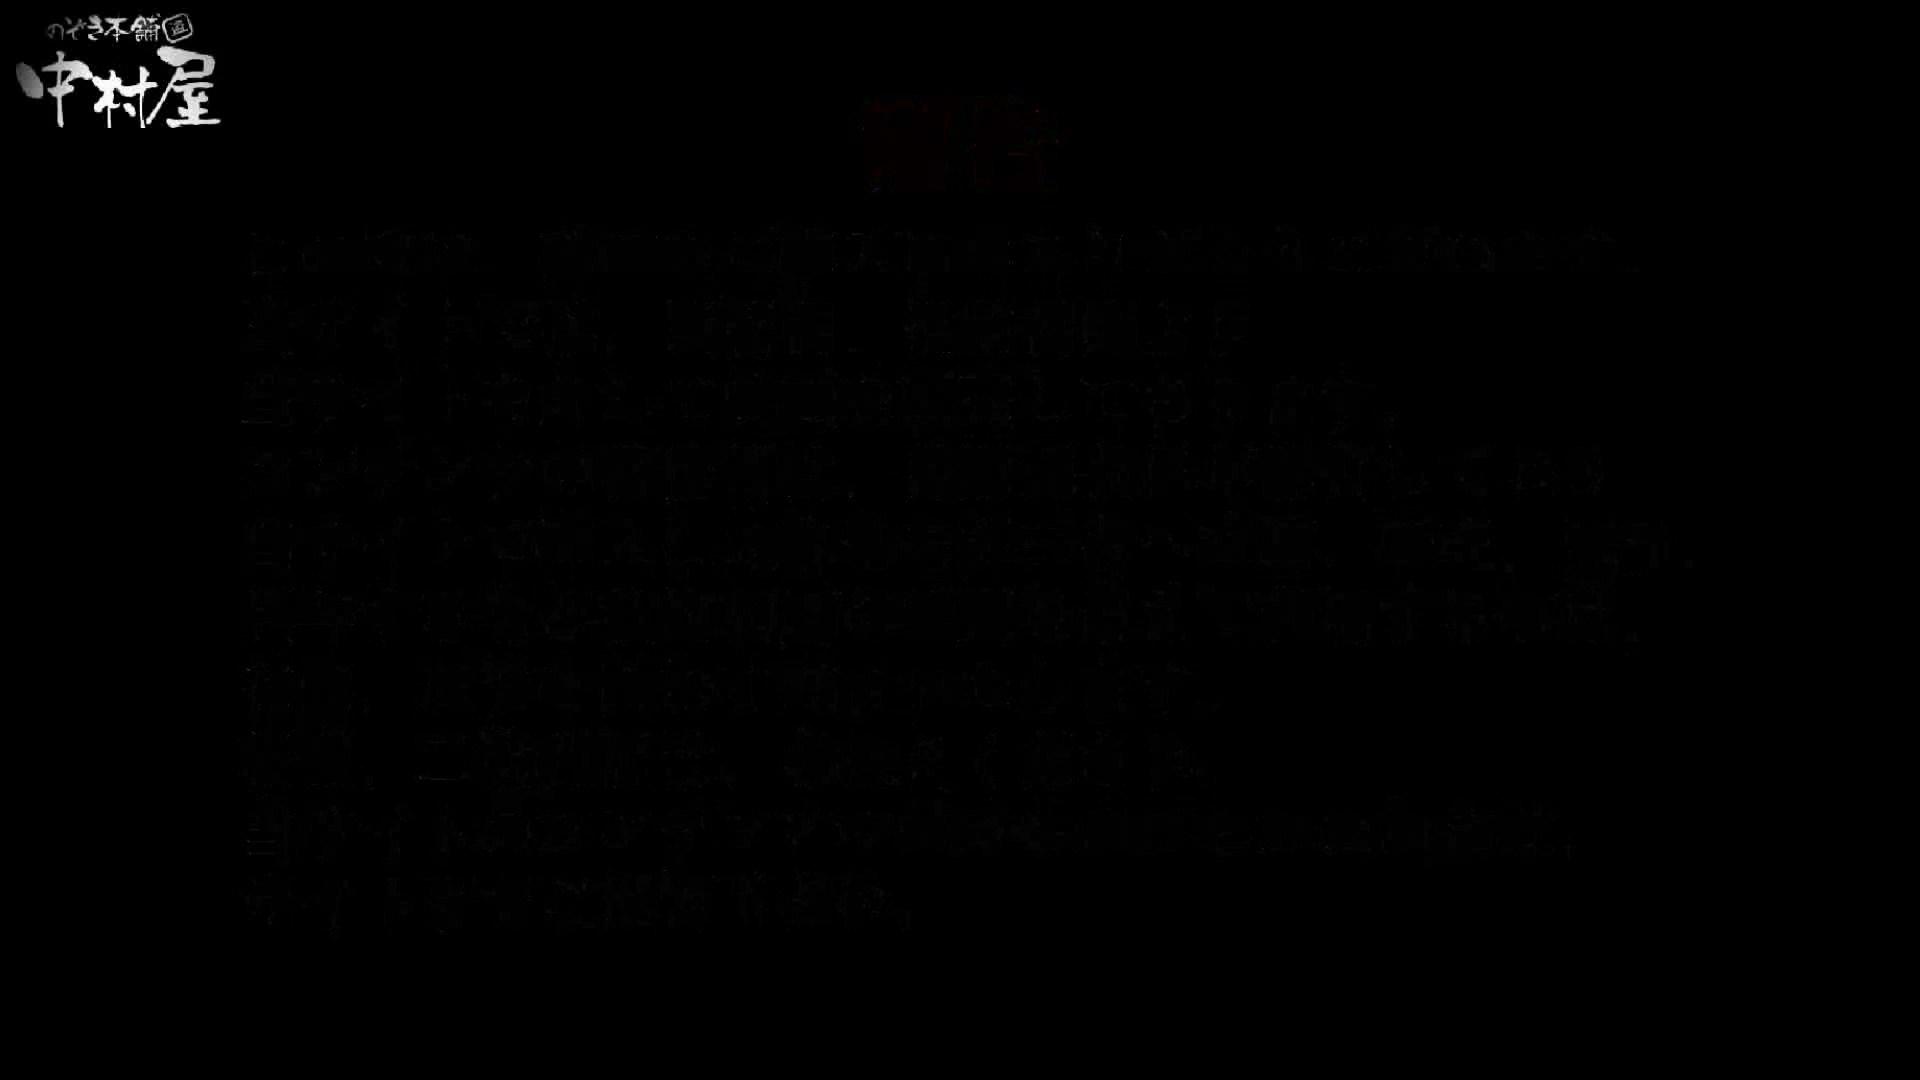 民家風呂専門盗撮師の超危険映像 vol.015 エロい美少女 オマンコ動画キャプチャ 99PIX 4